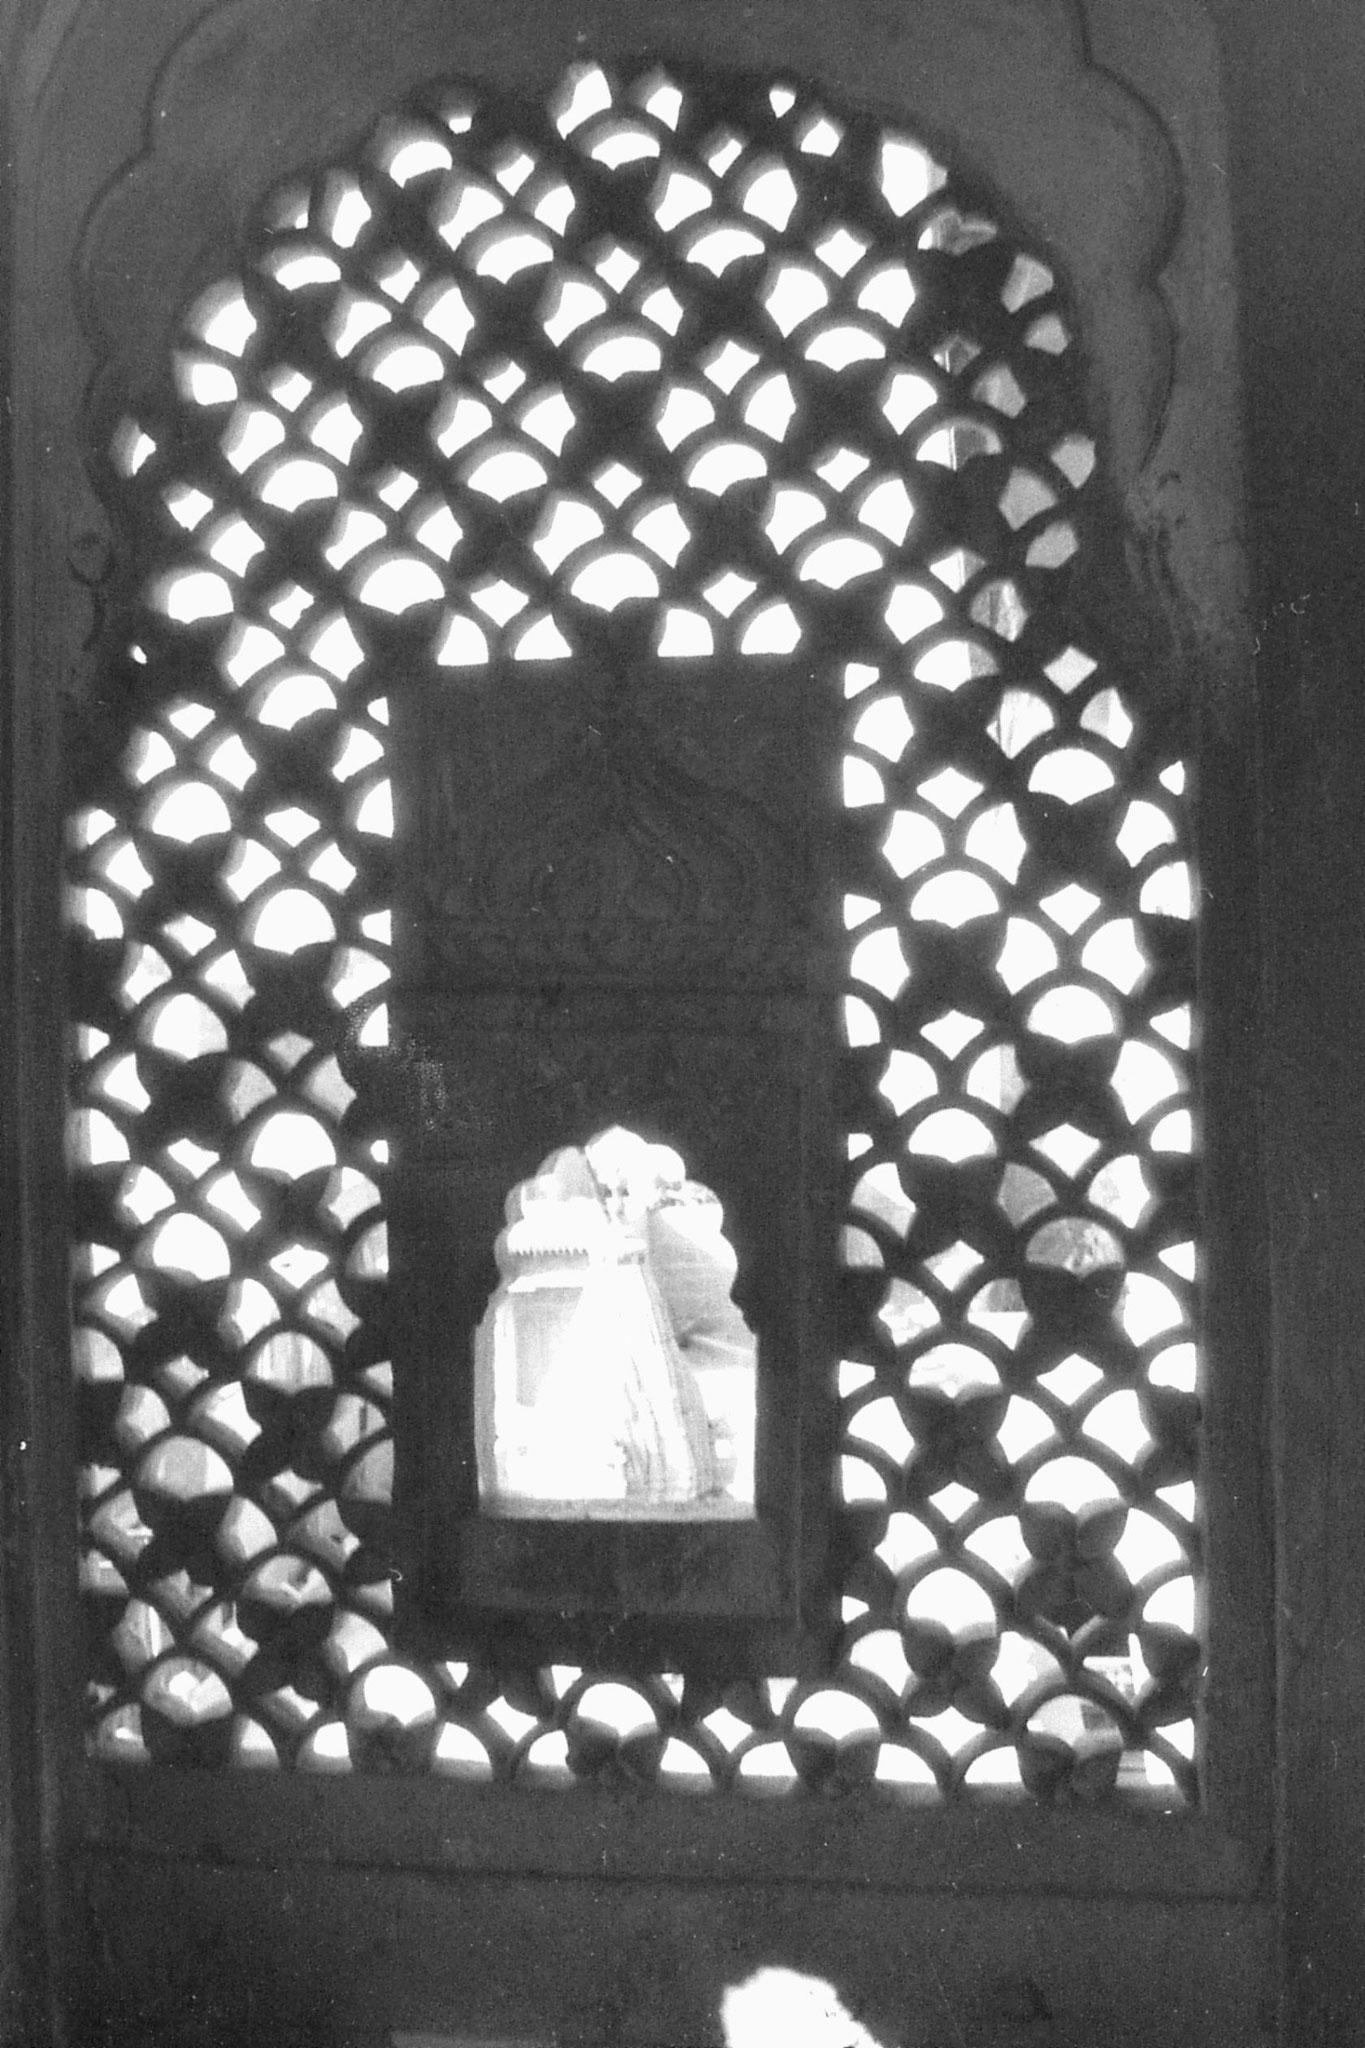 3/12/1989: 29: Jaisalmer